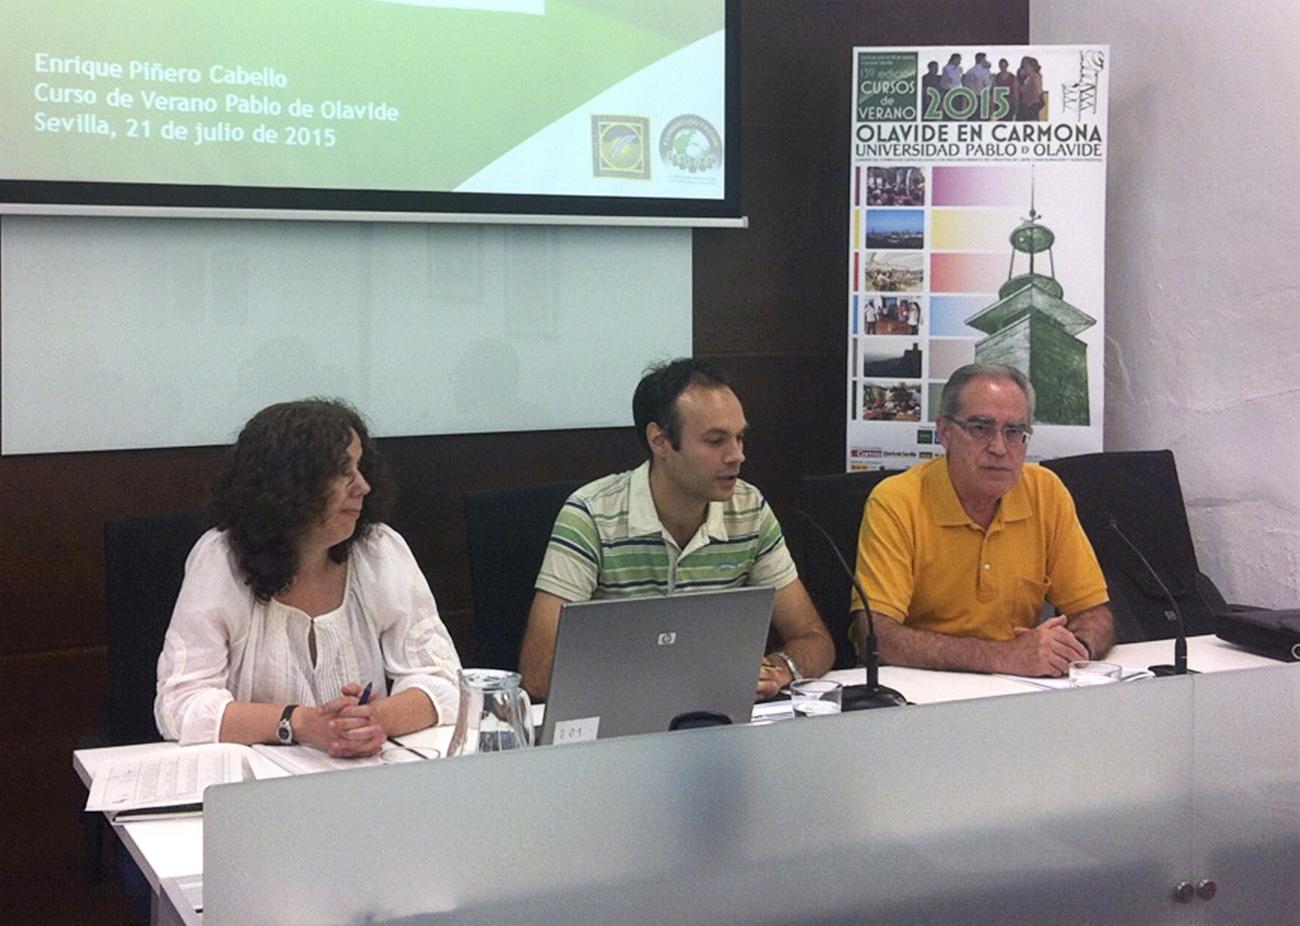 La Fundación FACUA ofrece un curso de verano de la Universidad Pablo de Olavide en Carmona